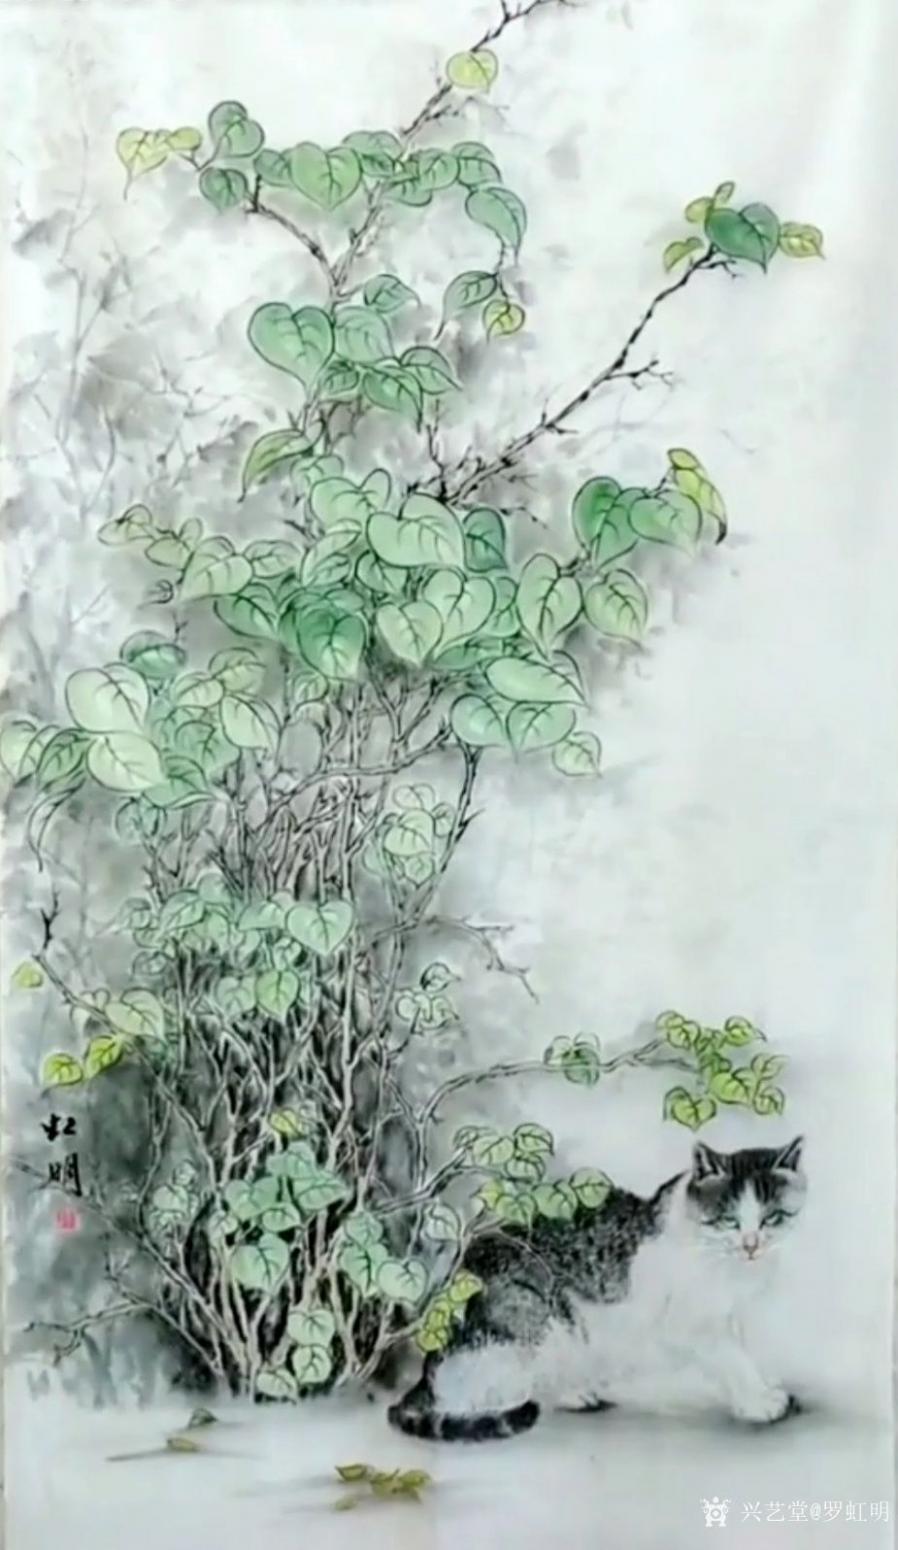 罗虹明国画作品《新绿》【图0】